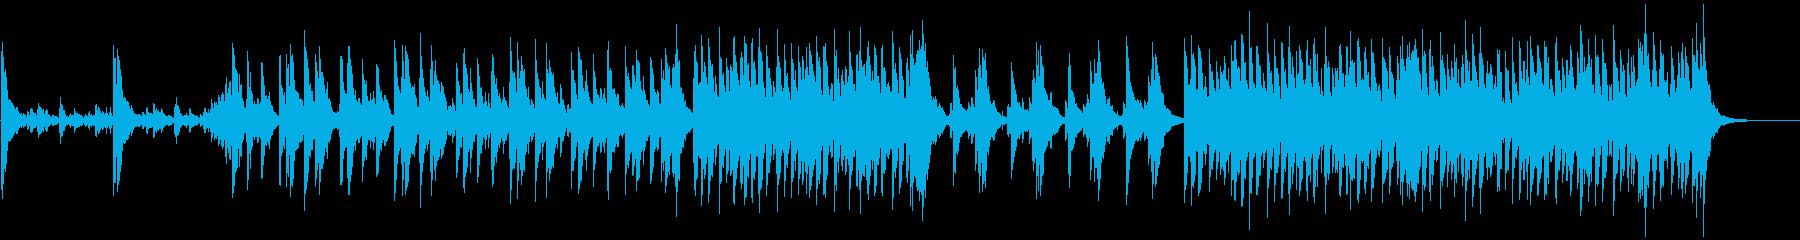 和太鼓アンサンブル(声なし)、力強いaの再生済みの波形